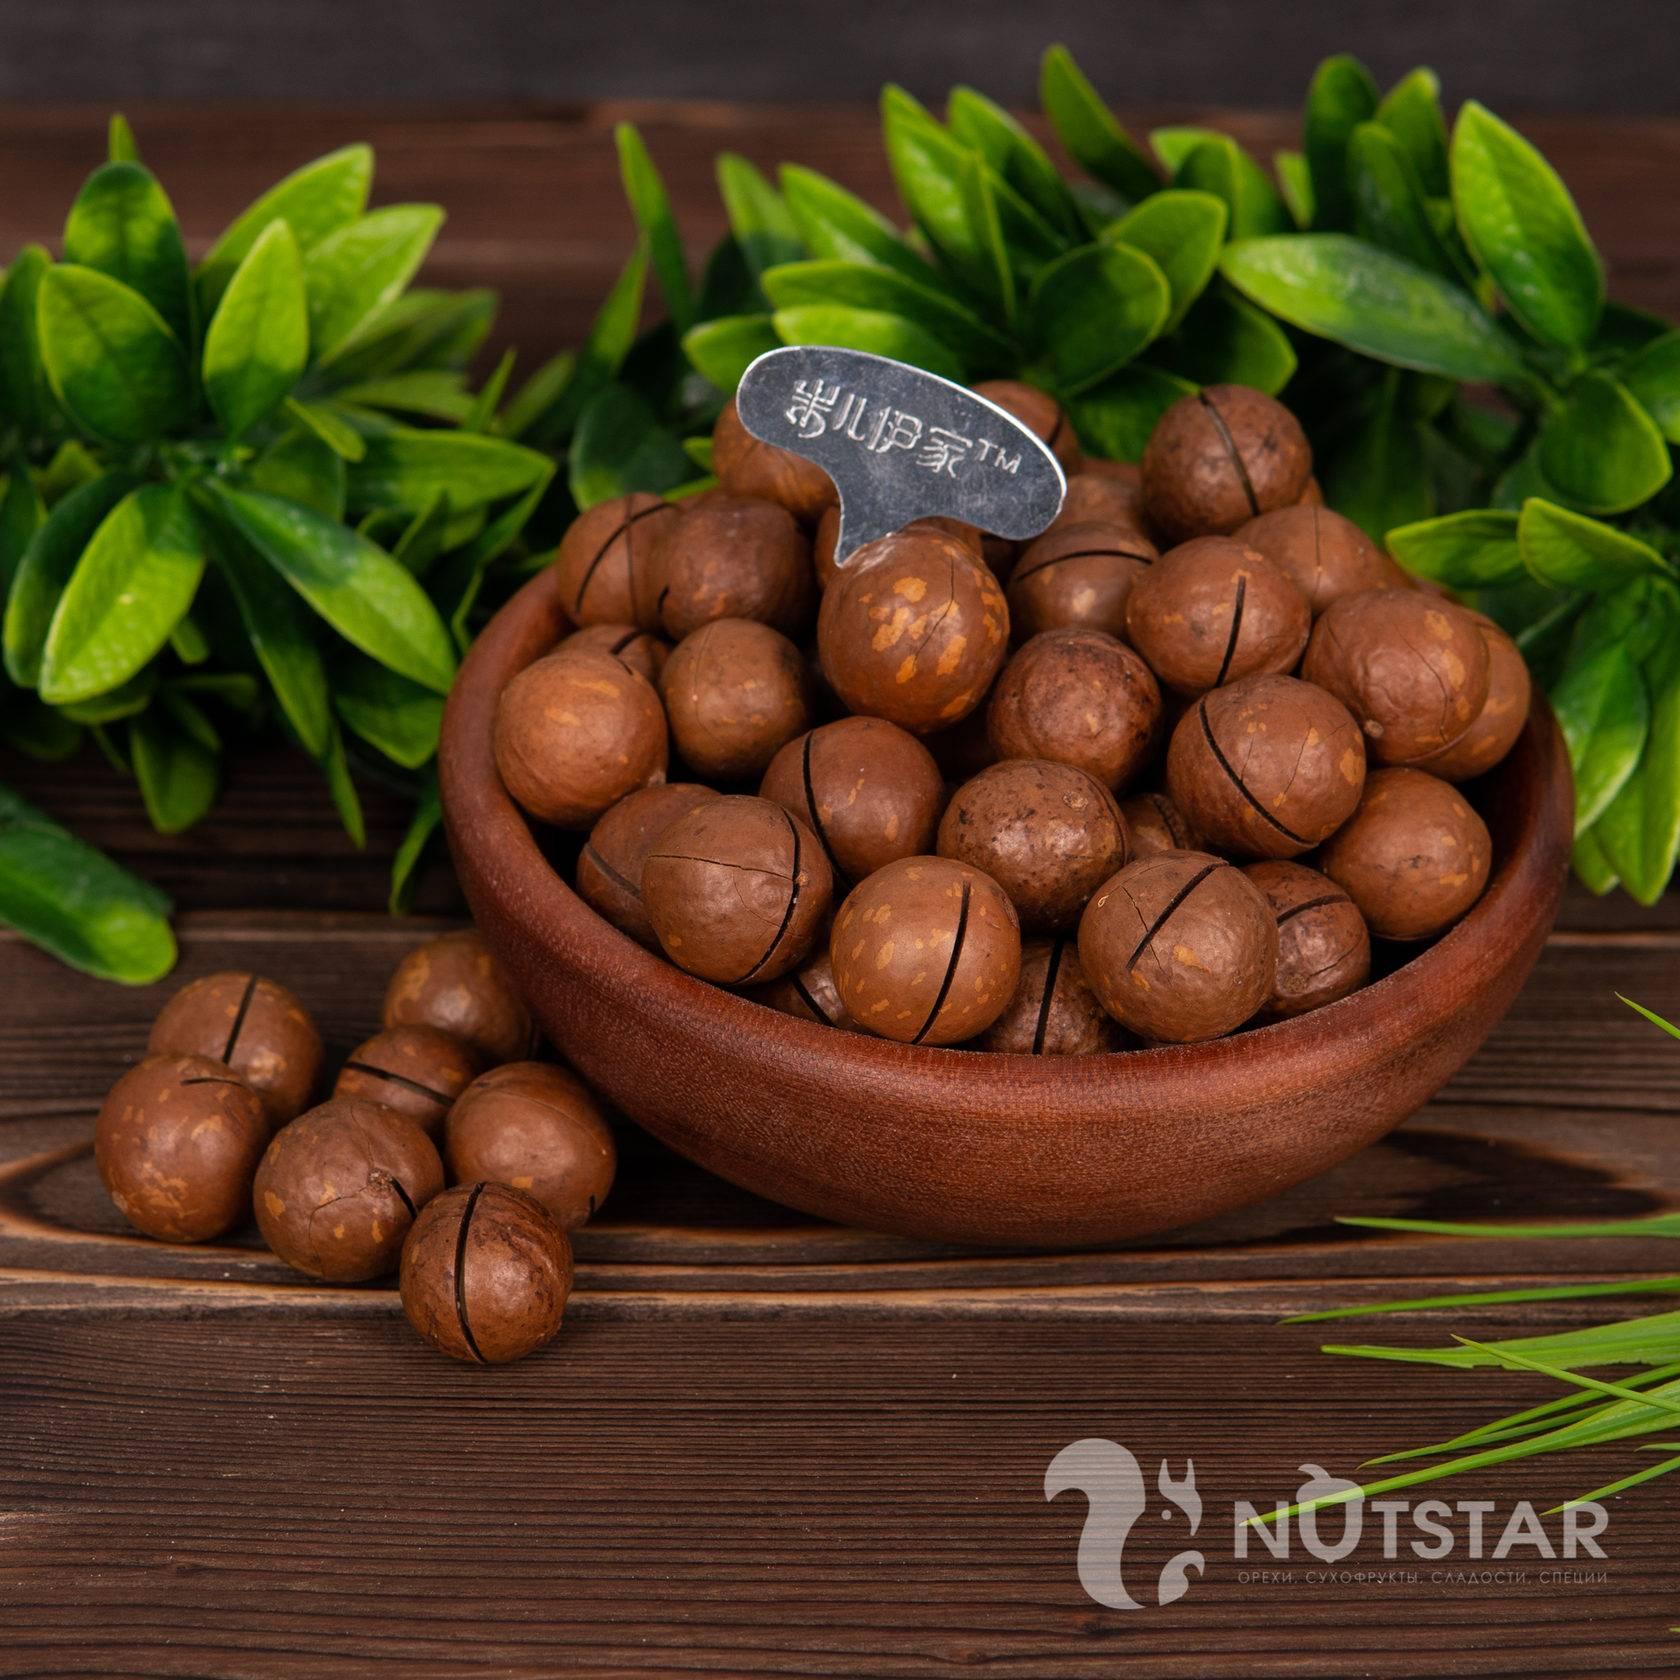 Макадамия орех из австралии. свойства, польза и вред, происхождение и цена макадамии | сад и огород.ру